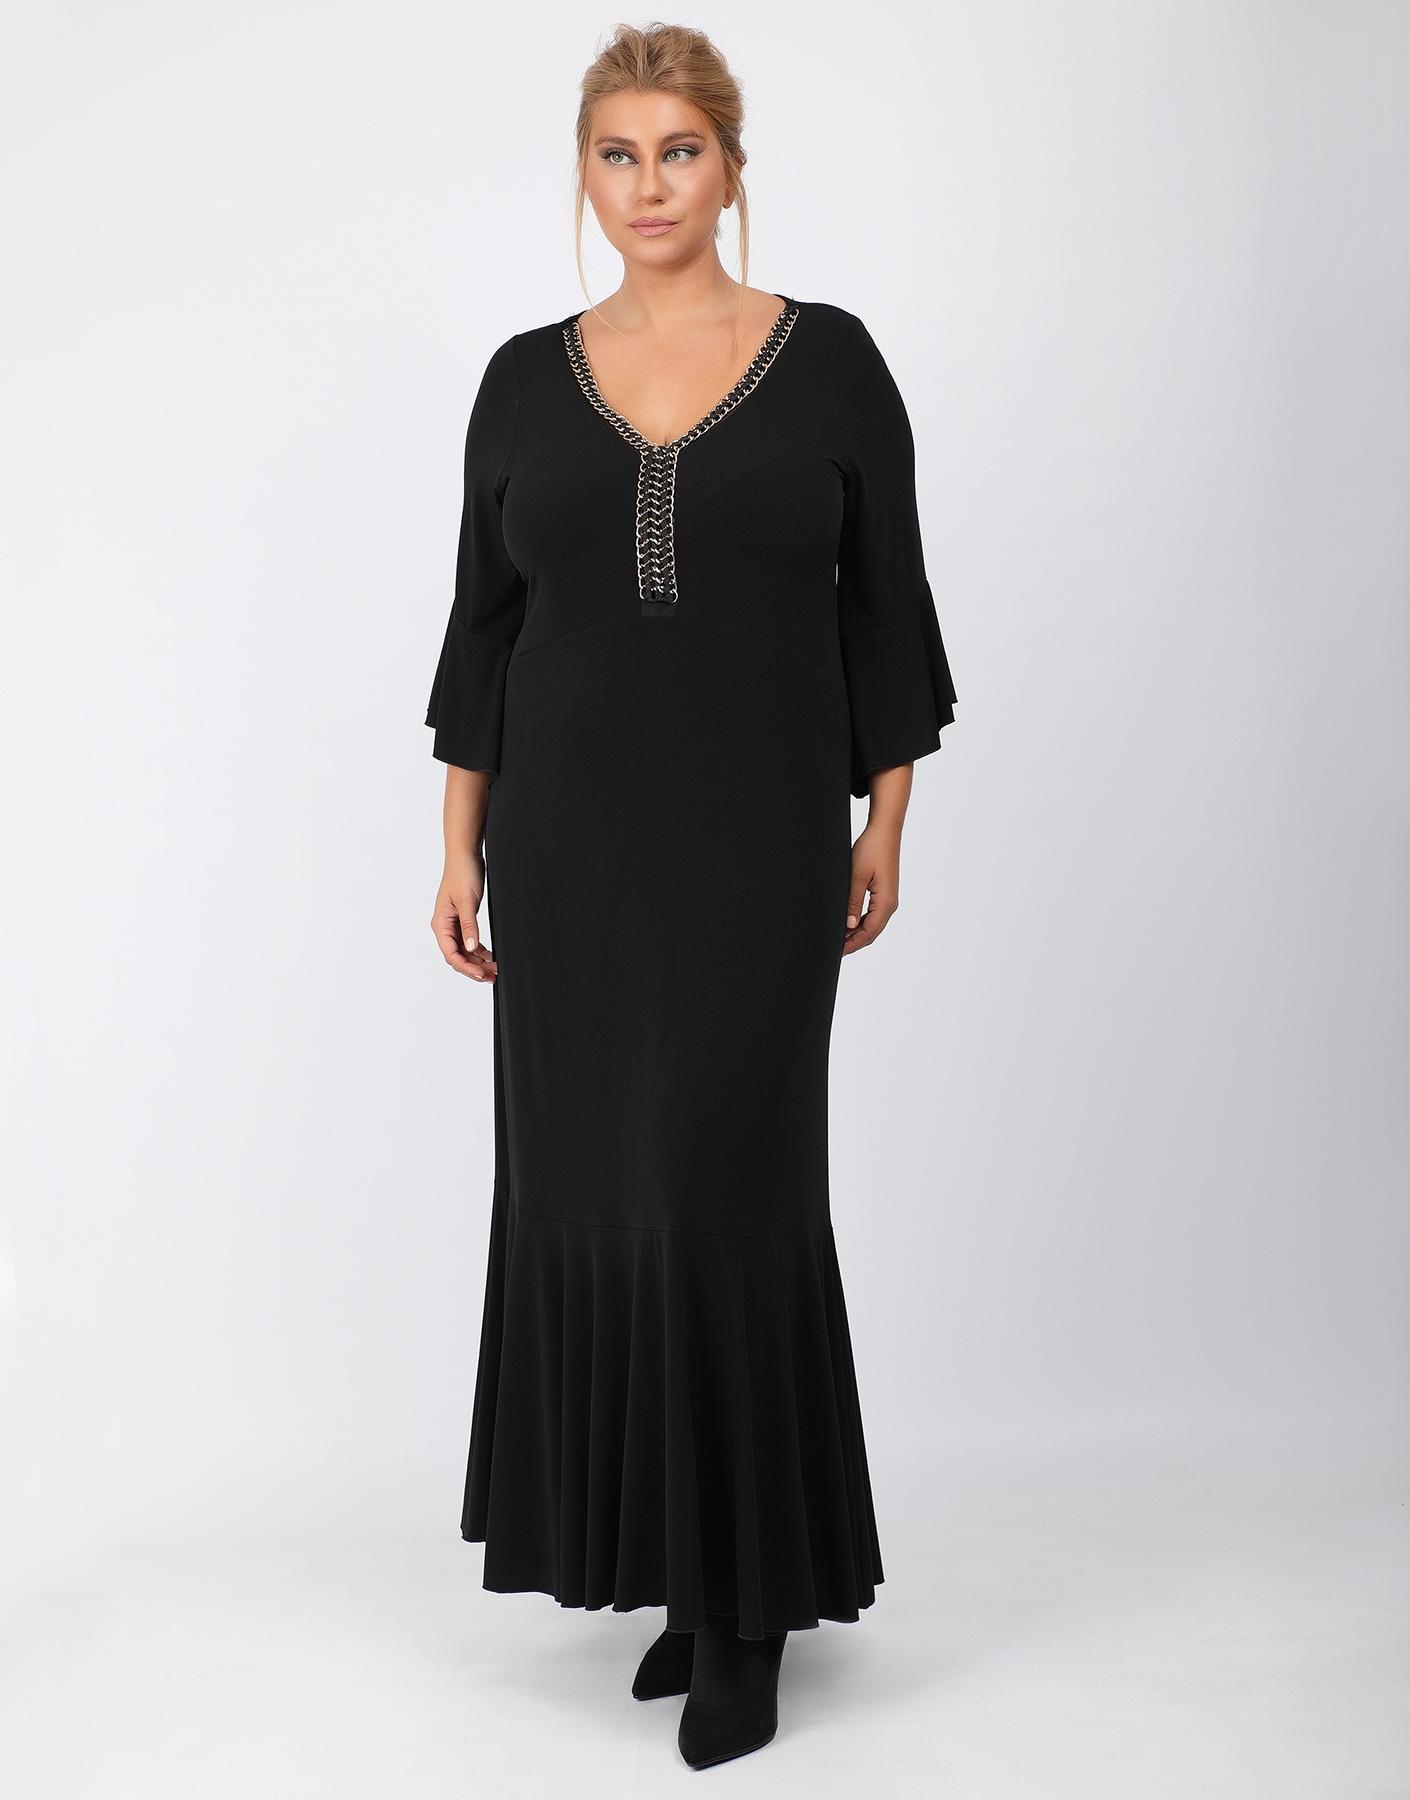 Φόρεμα με μοτίφ